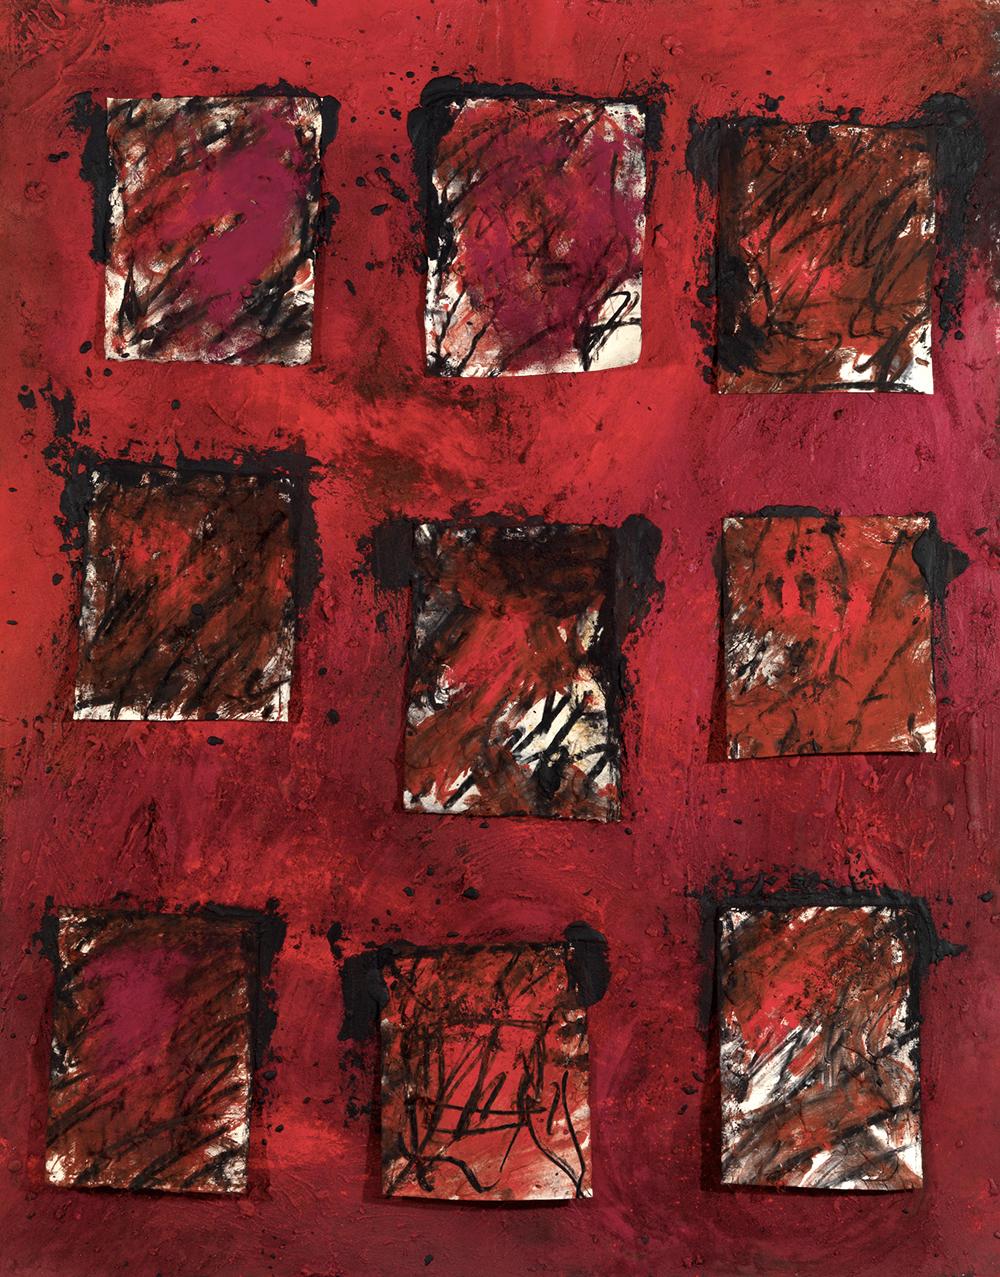 Senza titolo, 2007, sabbia vulcanica, ossido di ferro, carbone e pigmento su carta, cm 174x140